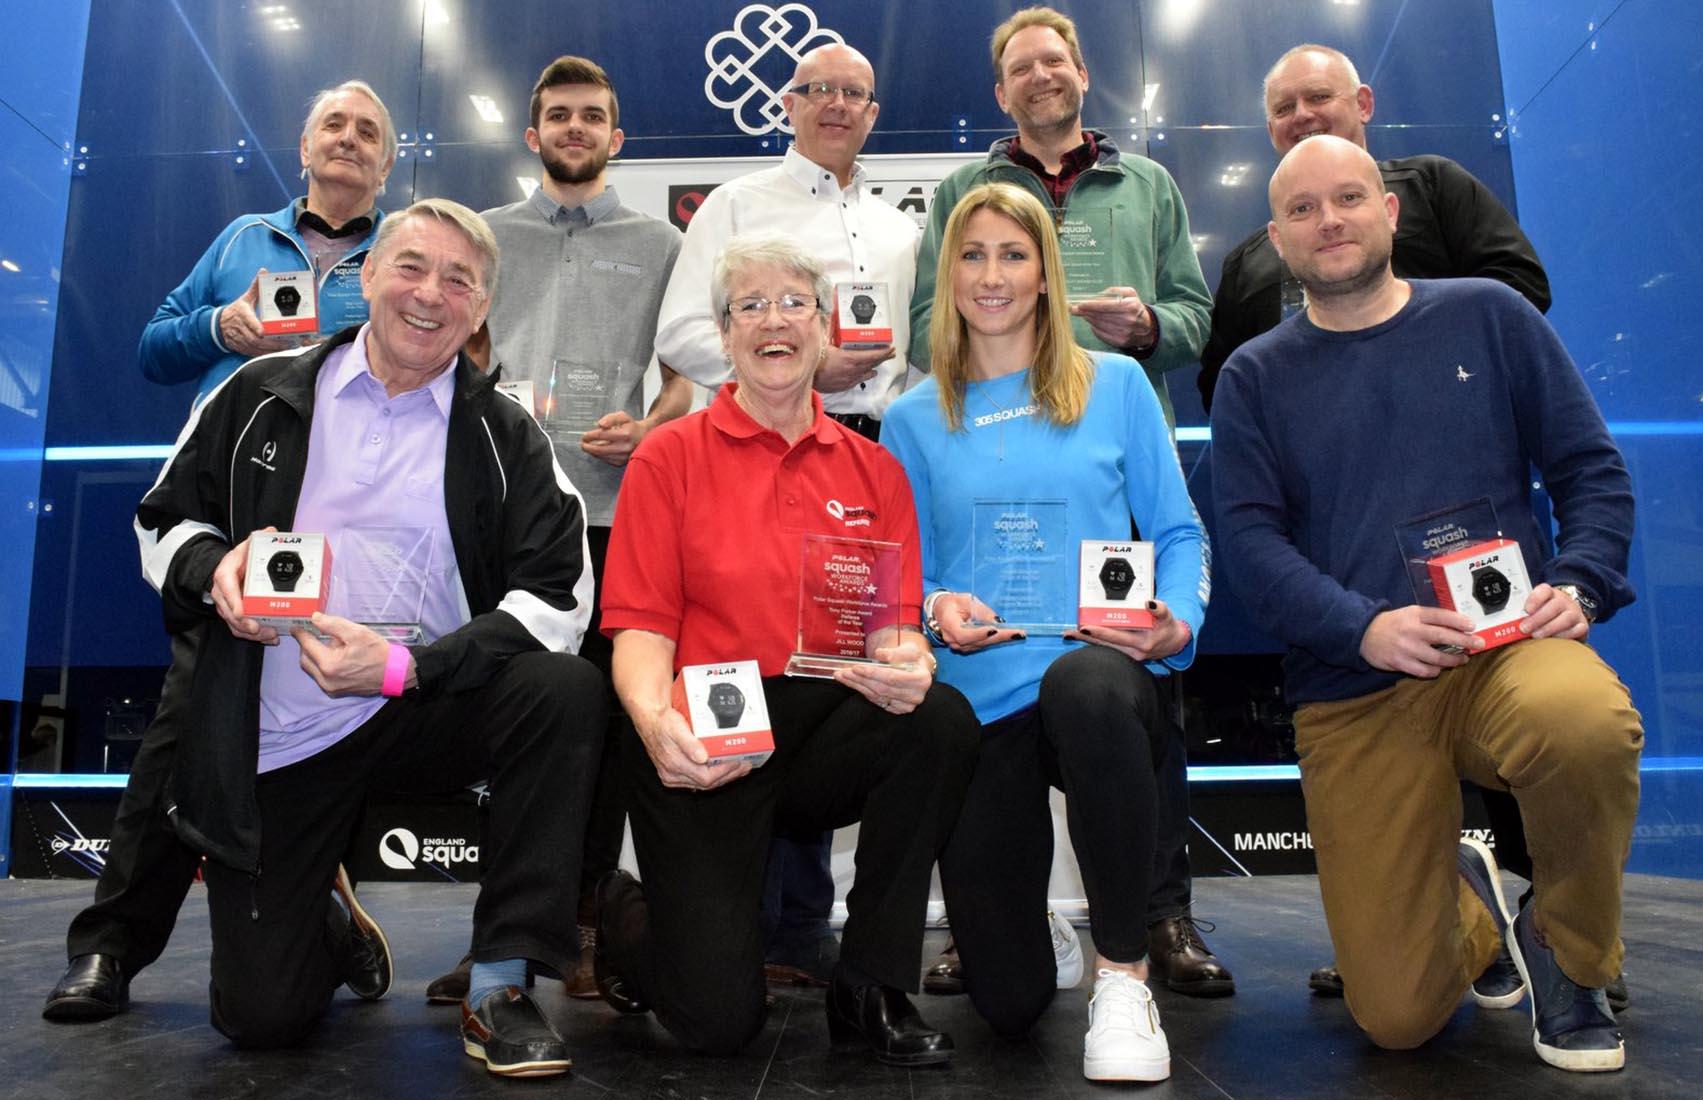 Polar Squash Workforce Award winners announced